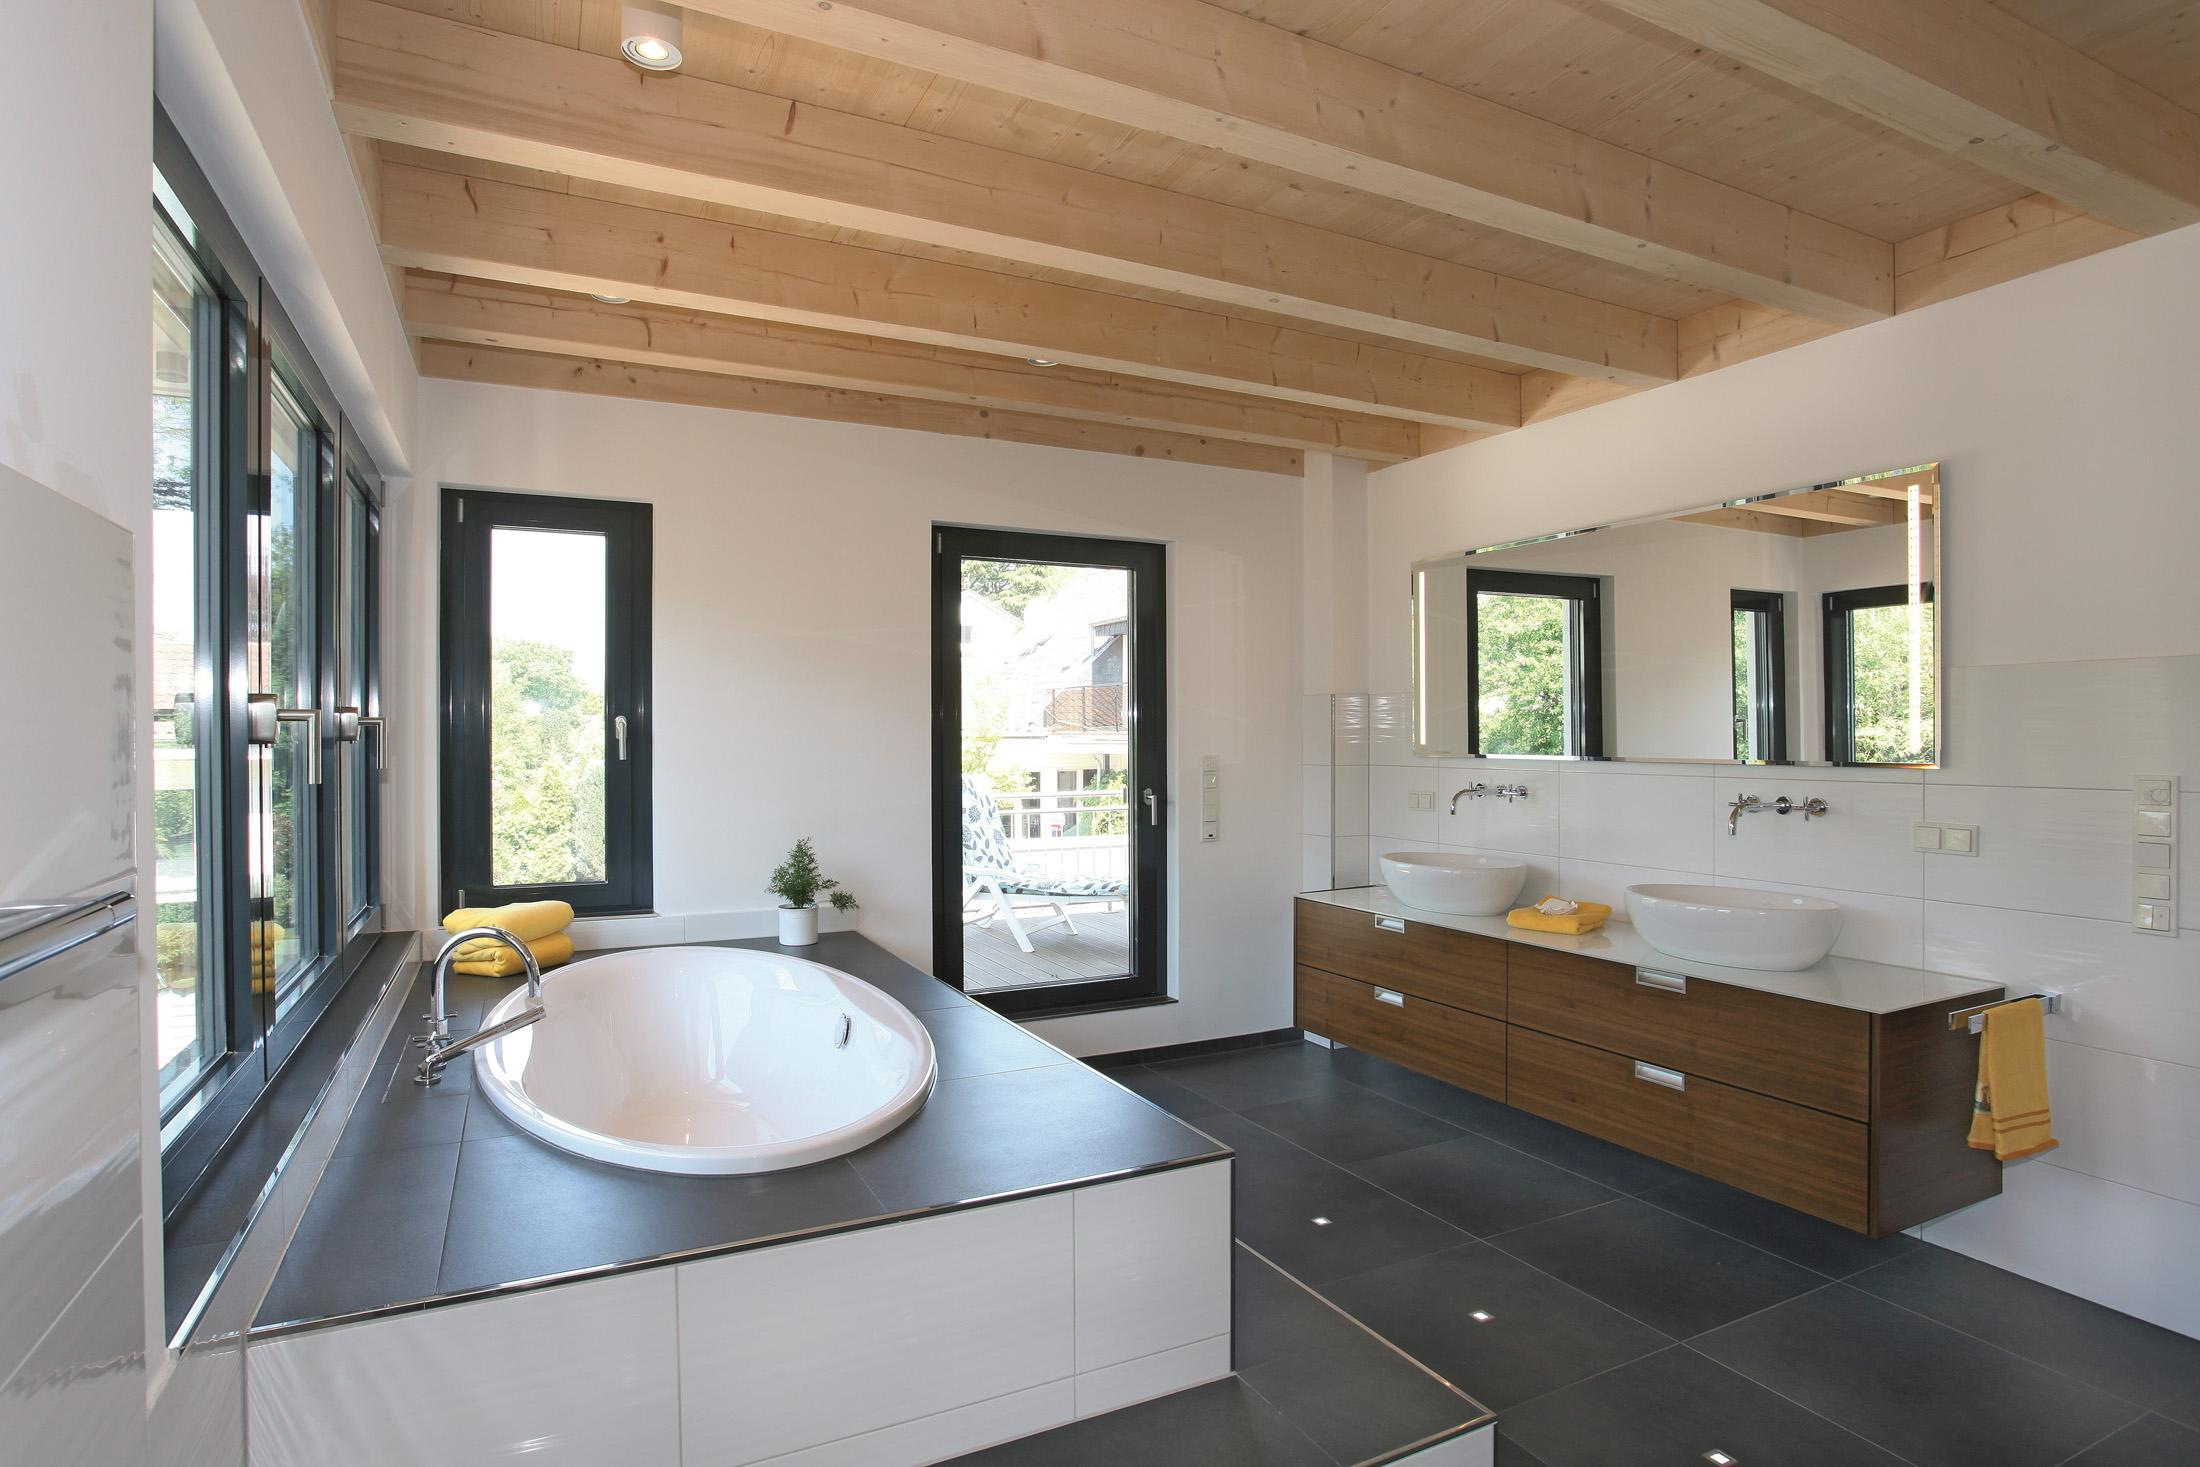 Eingebaute badewanne bilder ideen couchstyle - Holzdecke ideen ...